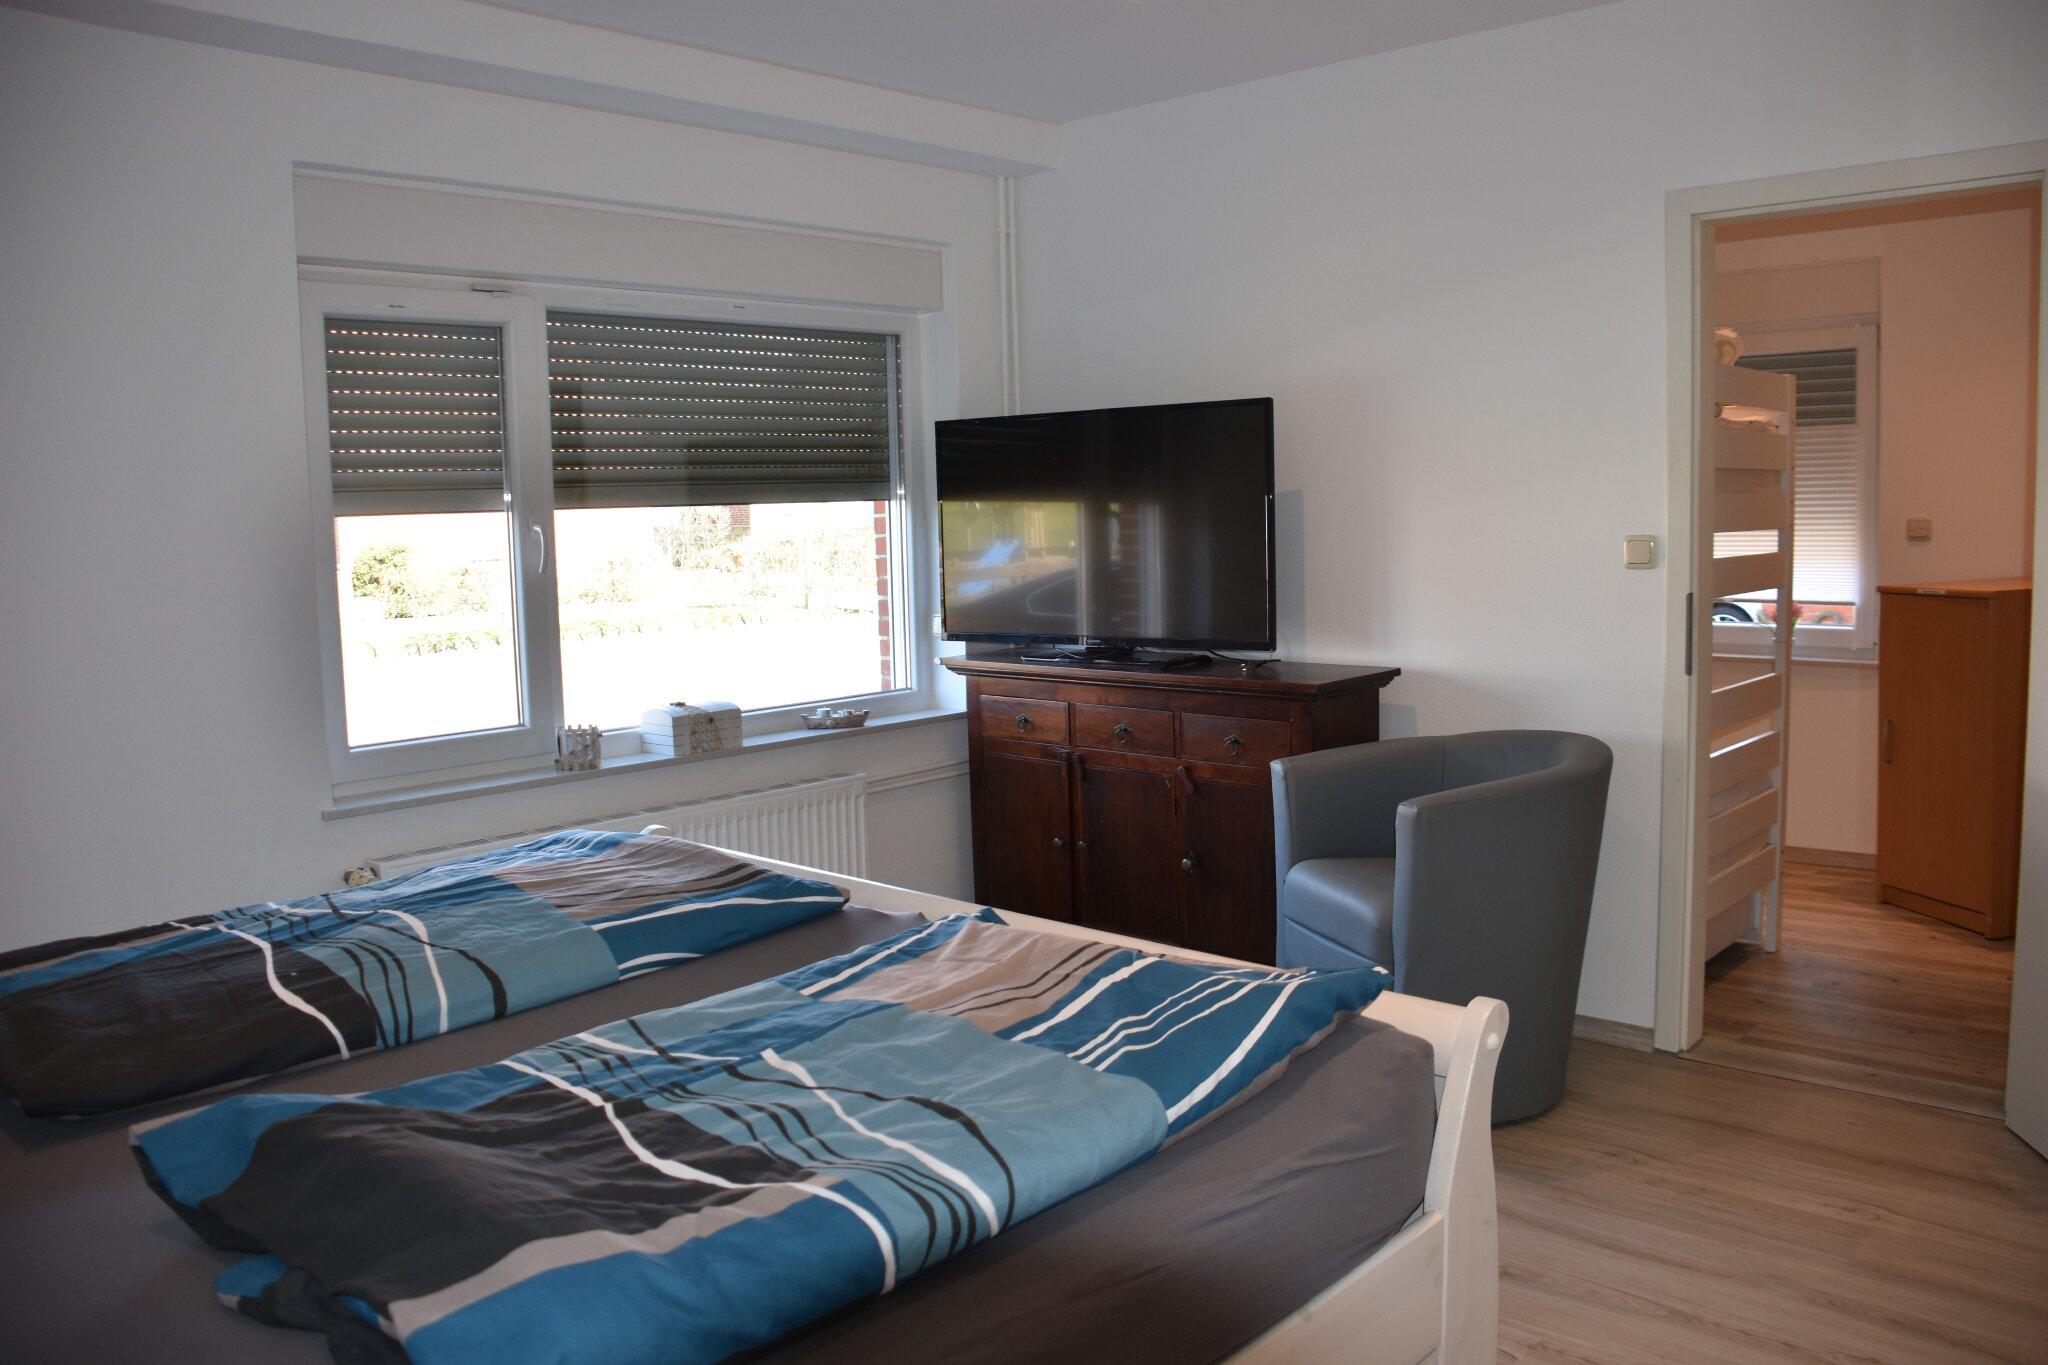 Schlafzimmer, Doppelbett u.Schlafcouch